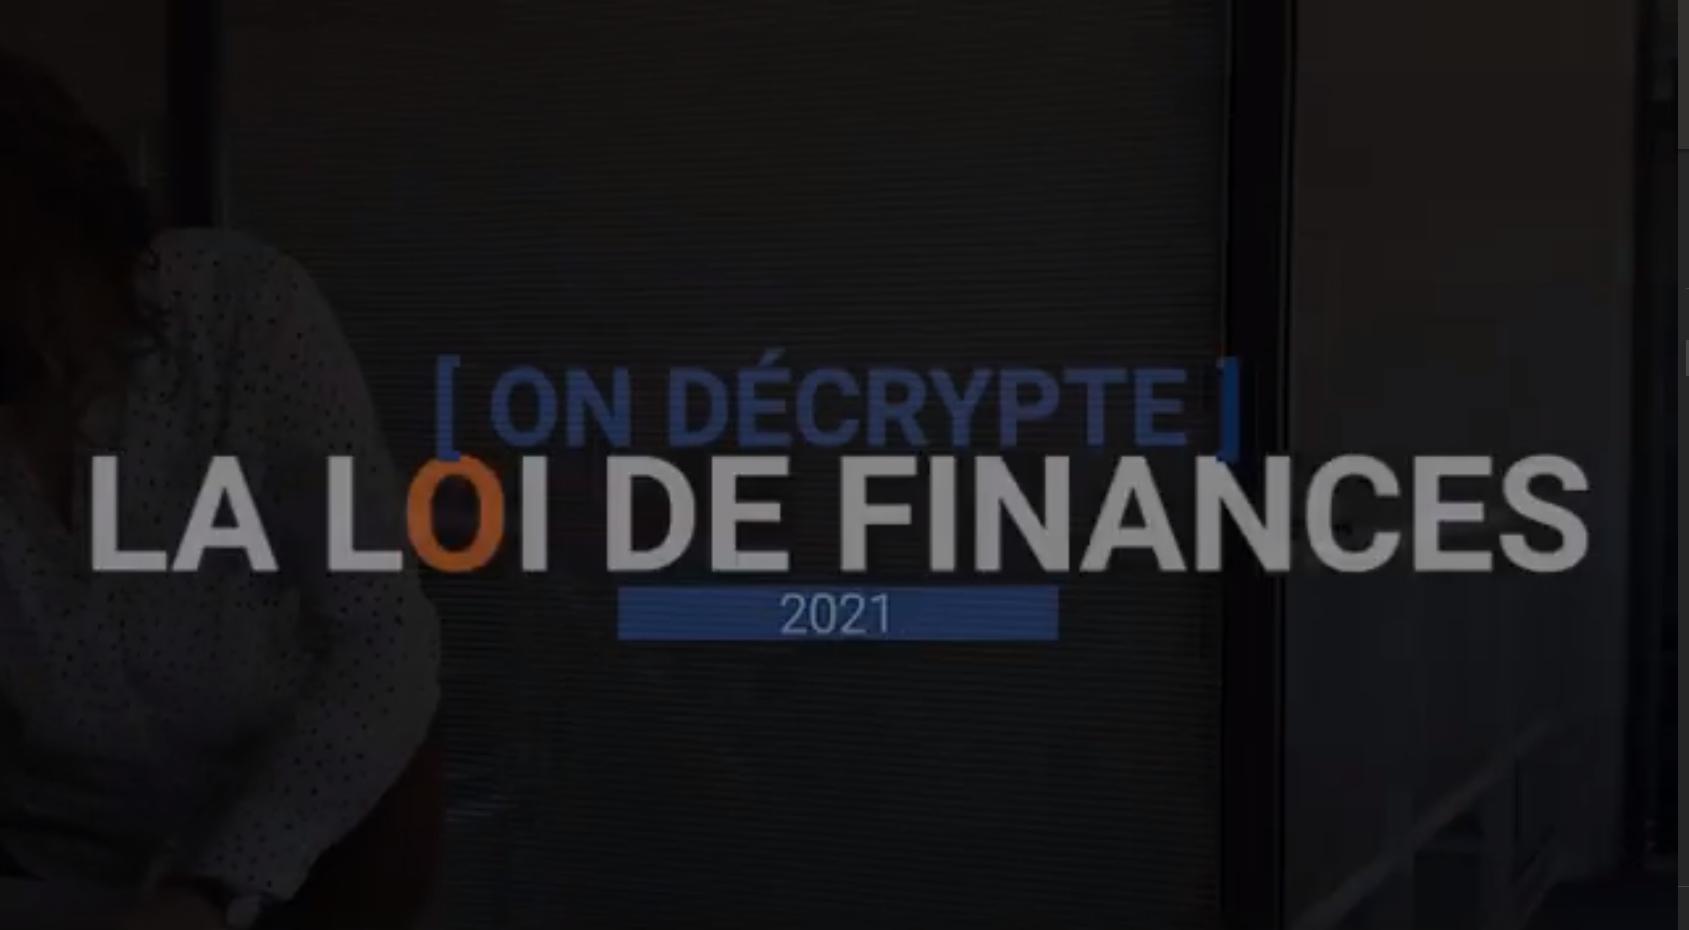 On décrypte la loi de finances 2021